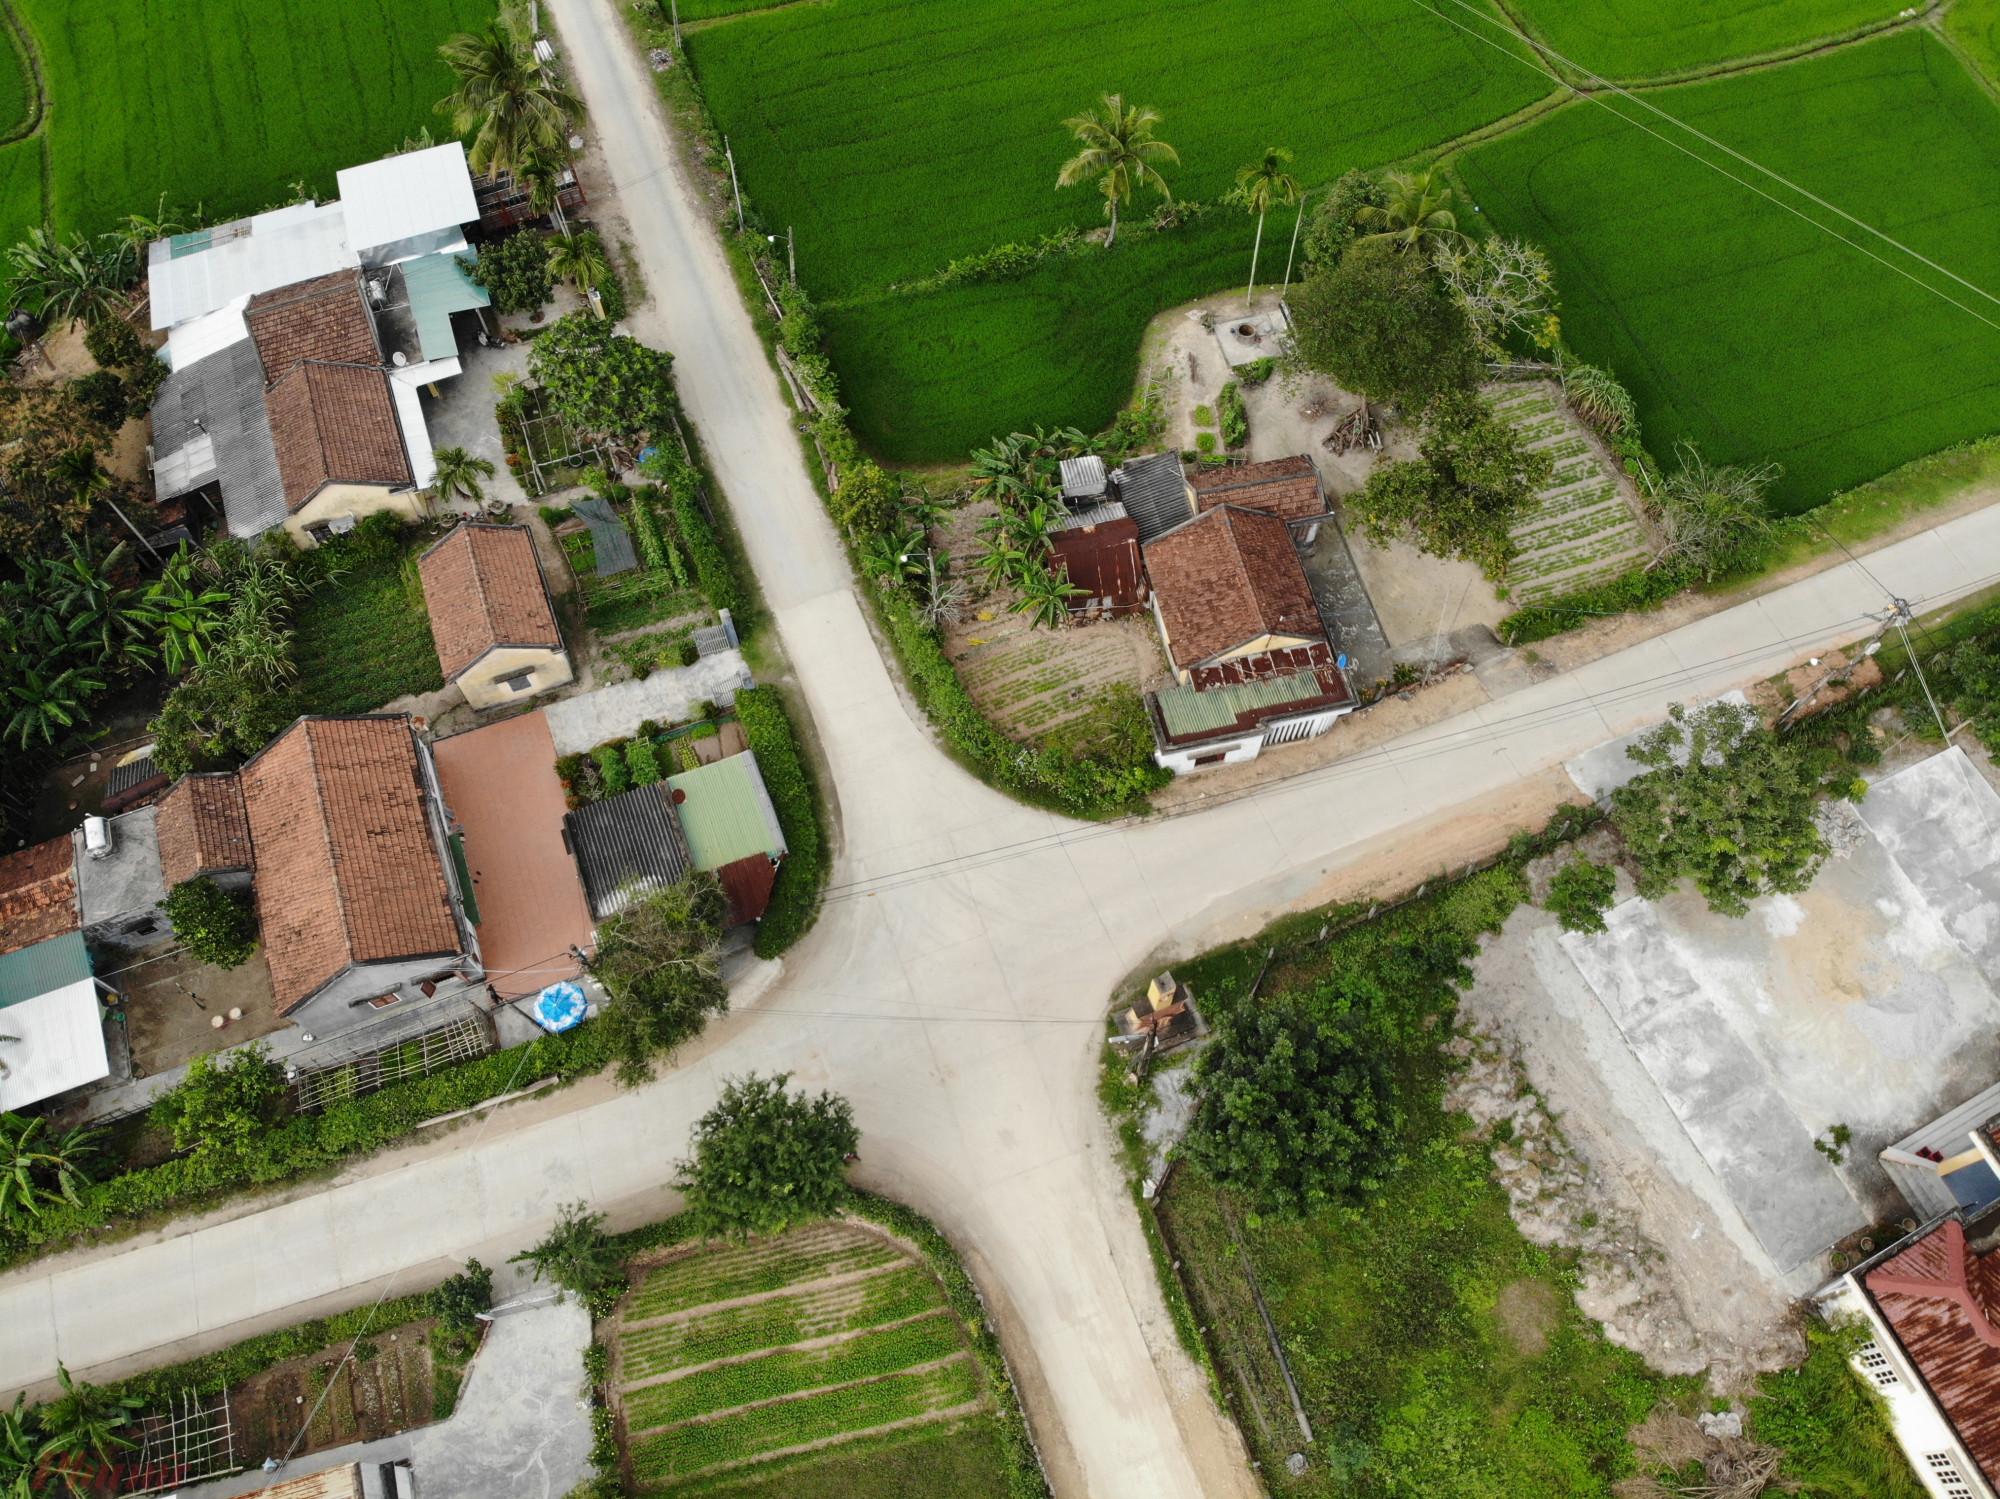 Tết đã cận kề nhưng nhiều con đường ở xã Phổ Cường vẫn thưa người qua lại vì người làm ăn xa quê chưa về.